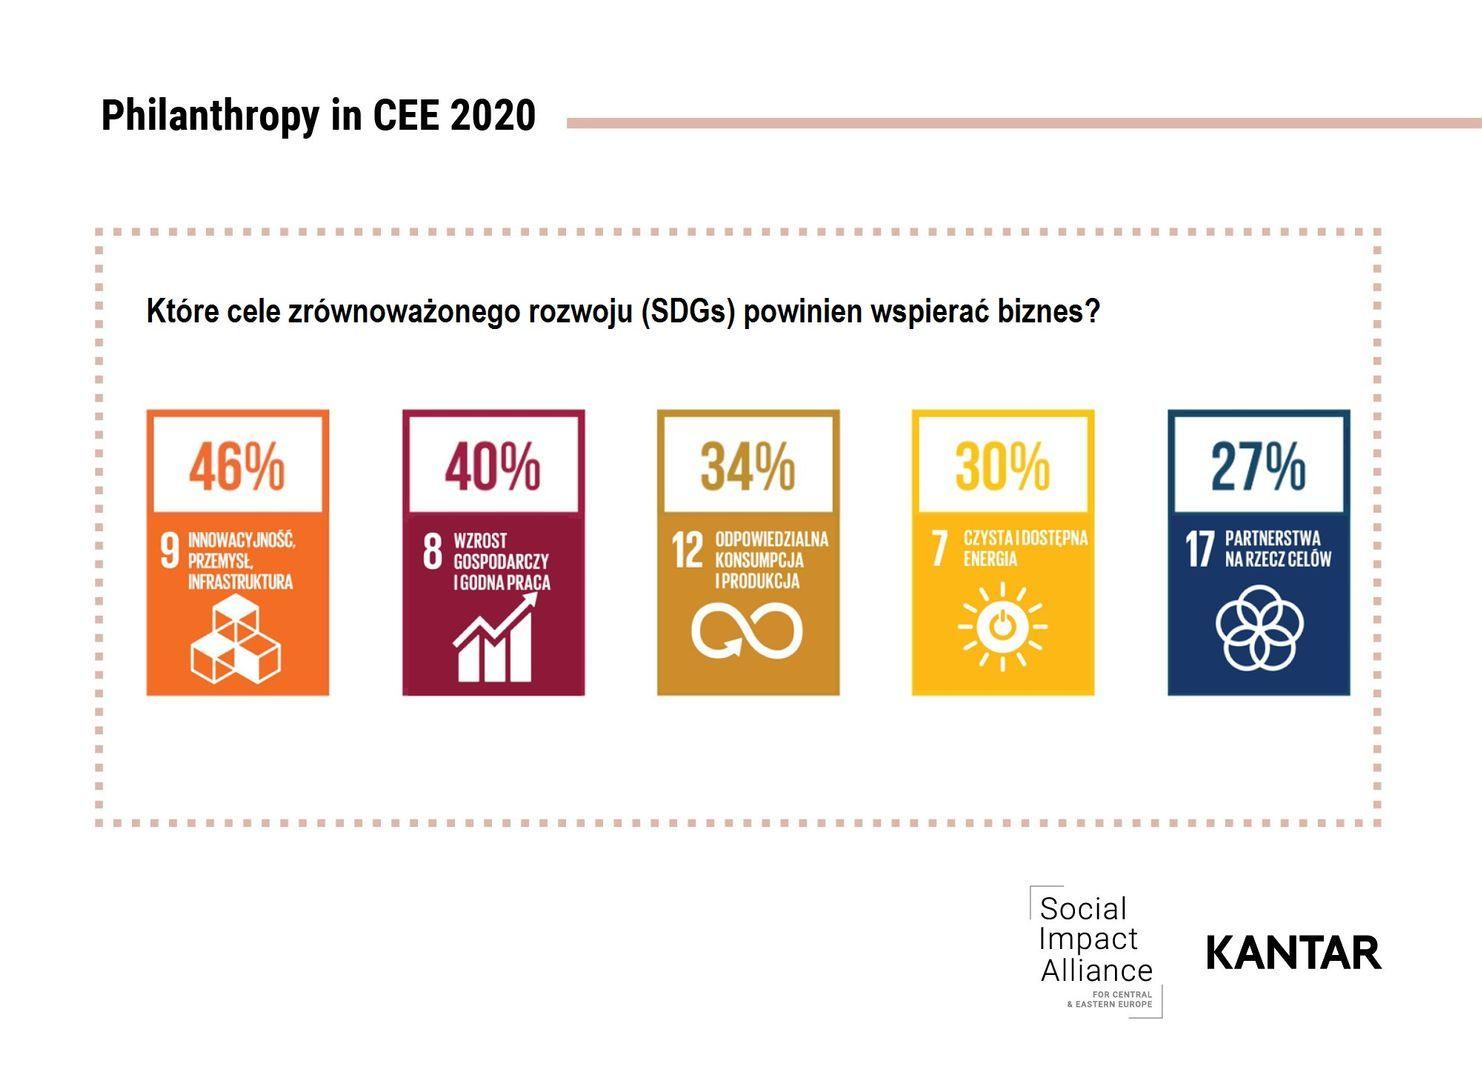 Filantropia w CEE 2020